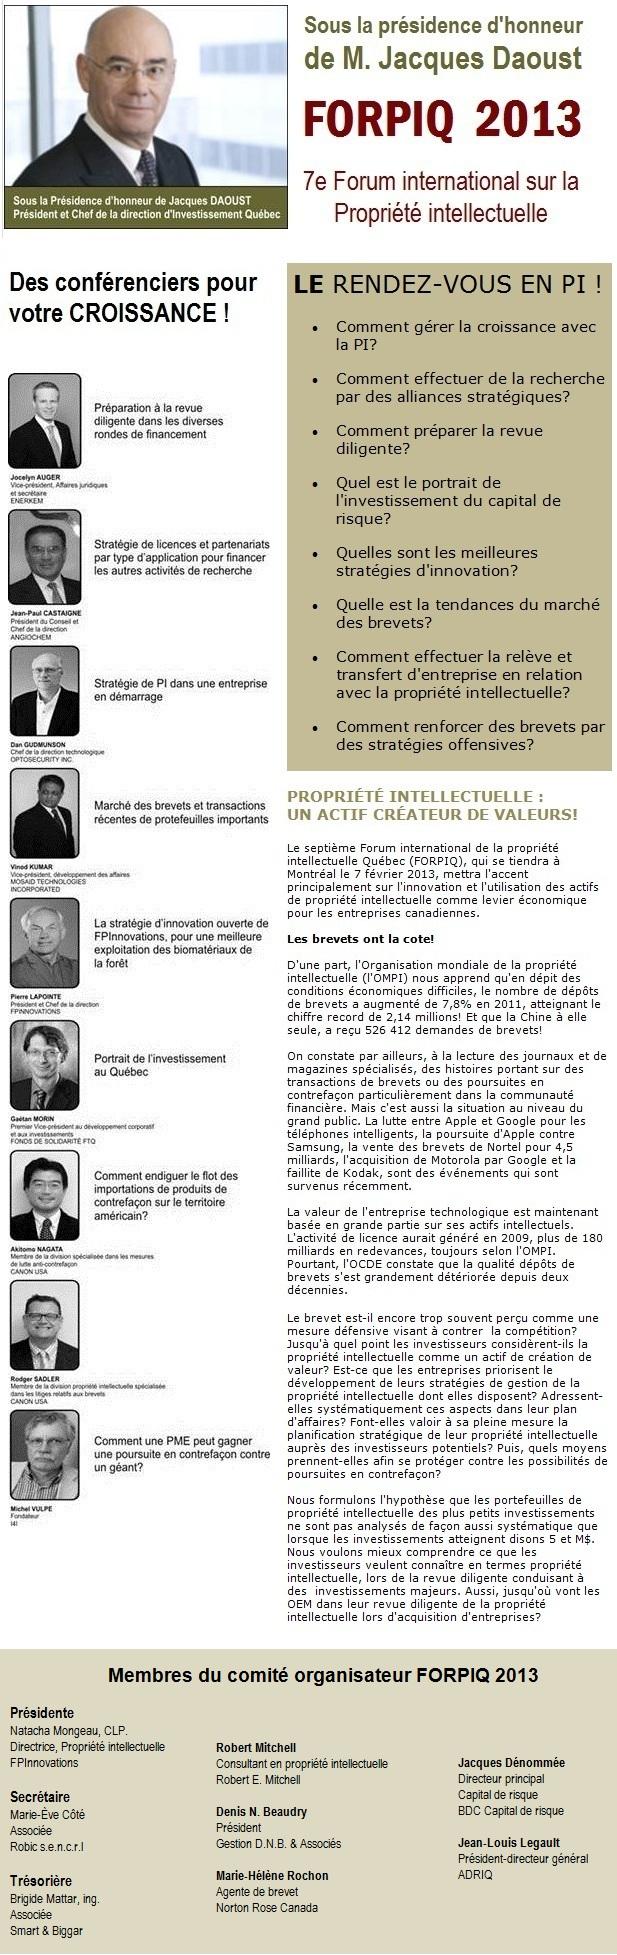 FORPIQ 2013 : Sous la présidence d'honneur de M. Jacques Daoust - Des conférenciers pour VOTRE CROISSANCE!